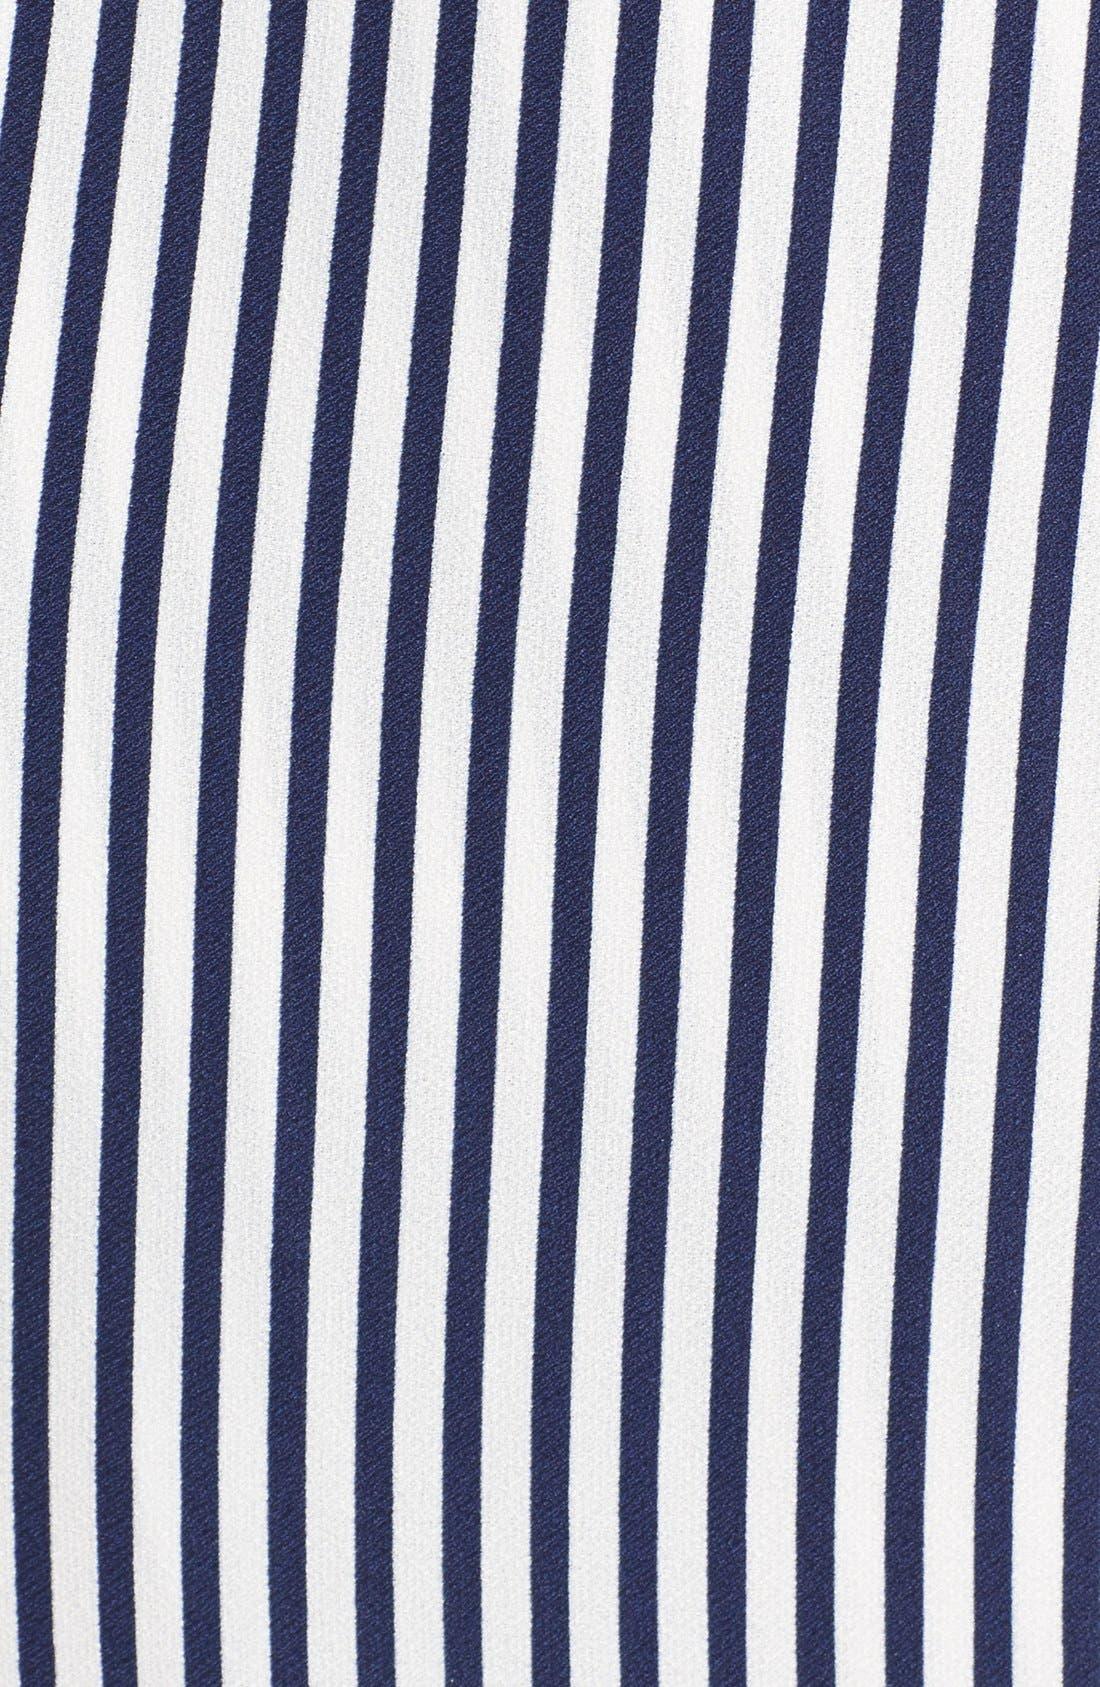 Wrap Midi Dress,                             Alternate thumbnail 20, color,